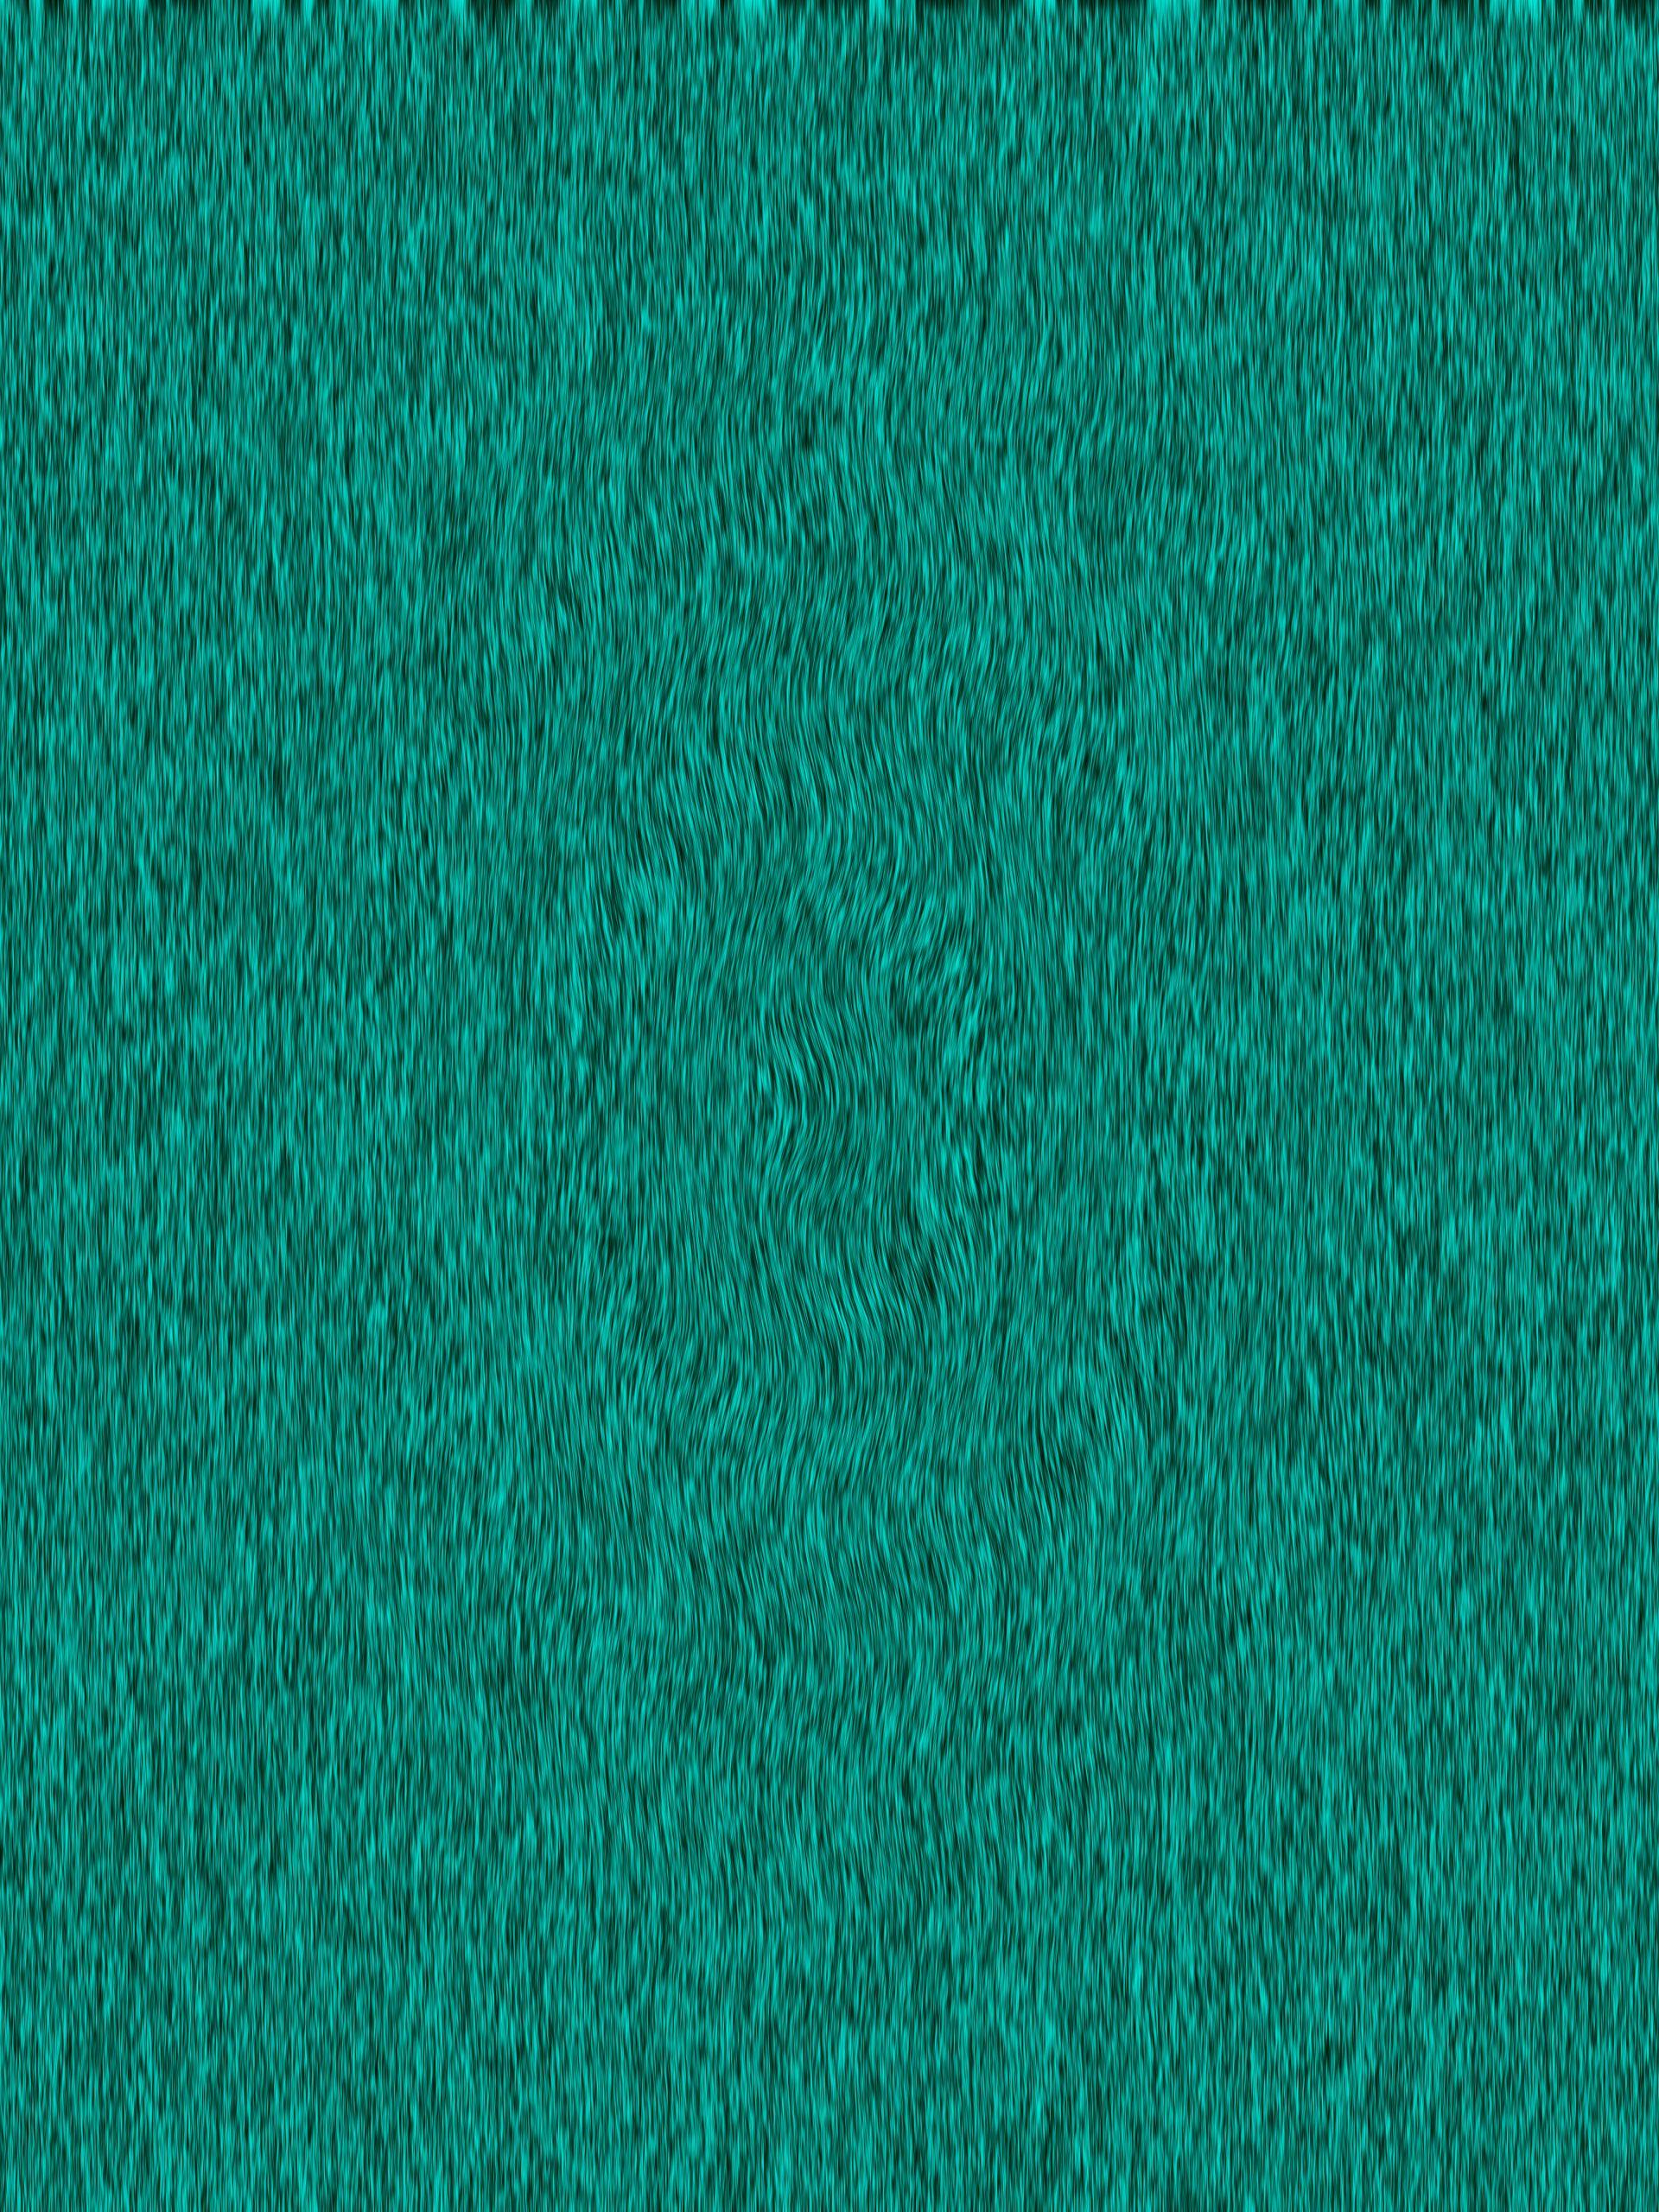 Green fur illustration